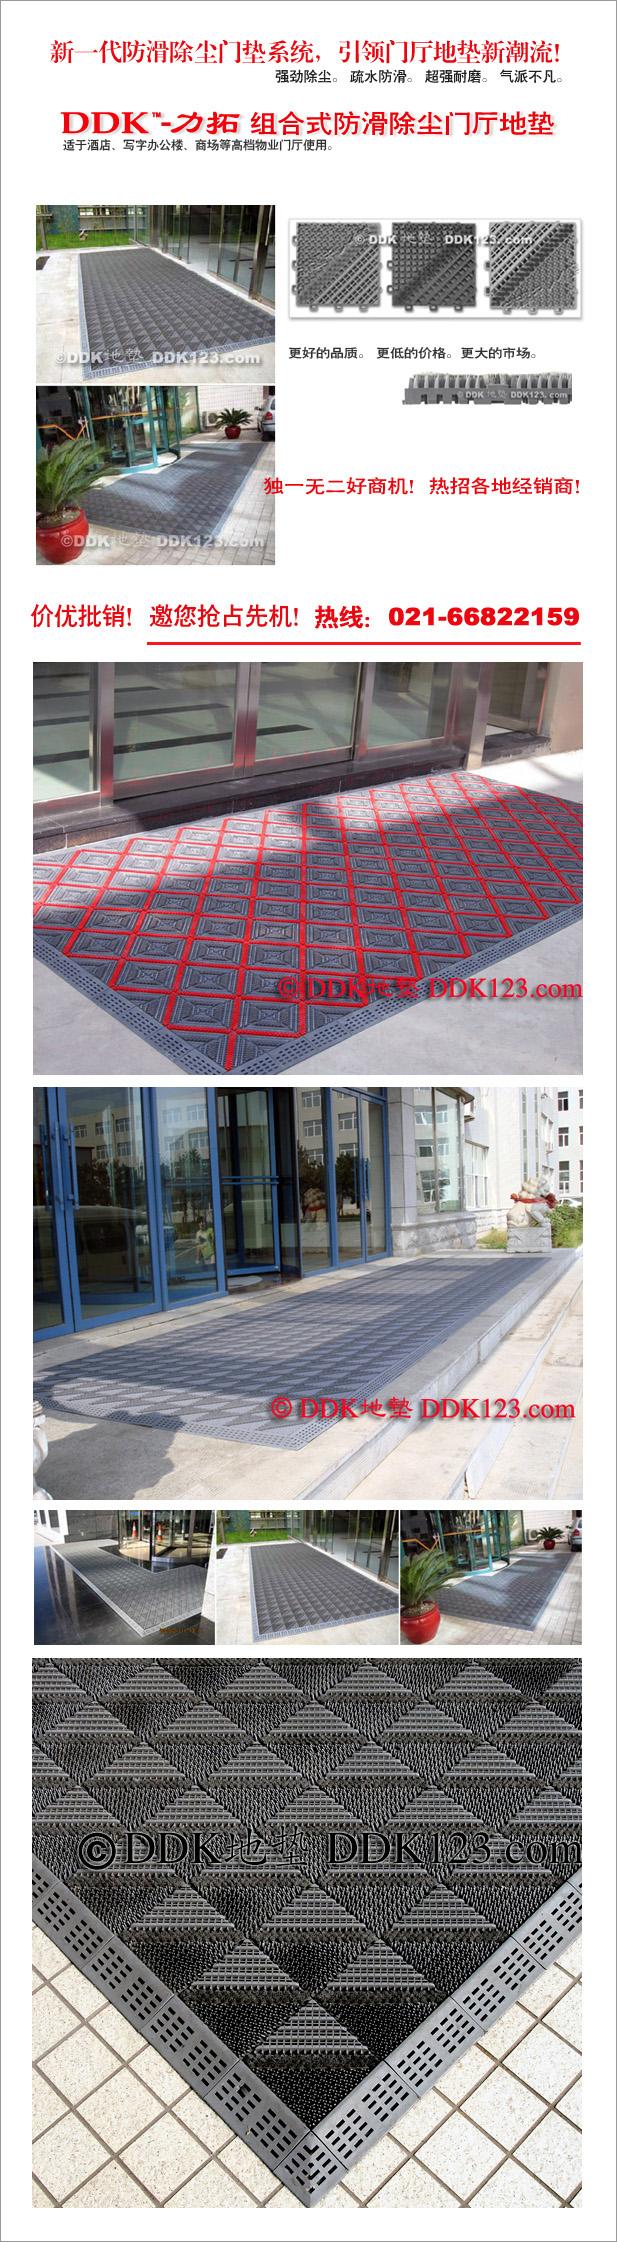 地垫批发,地垫市场,新颖DDK高品质组合式门厅地垫,DDK除尘地垫招商批发,价优批销!